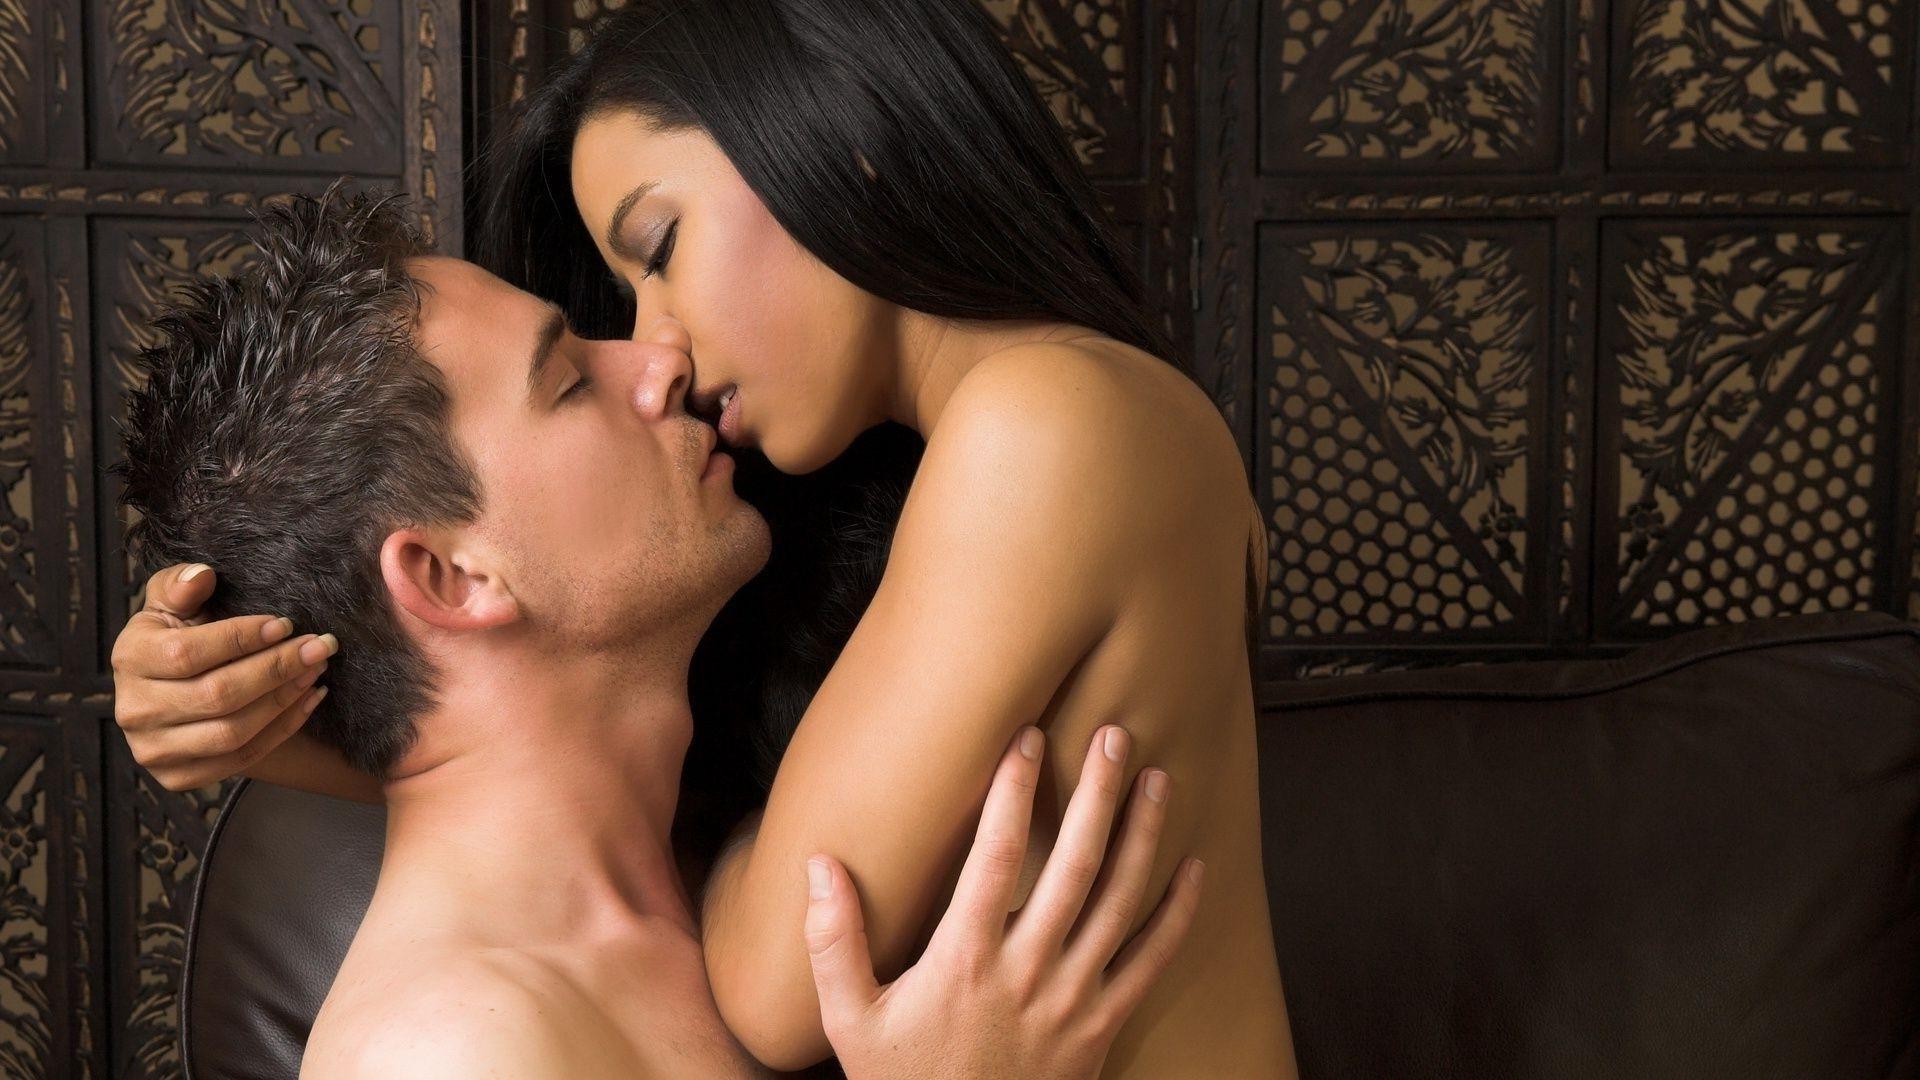 Анальный секс, анал видео ролики смотреть онлайн